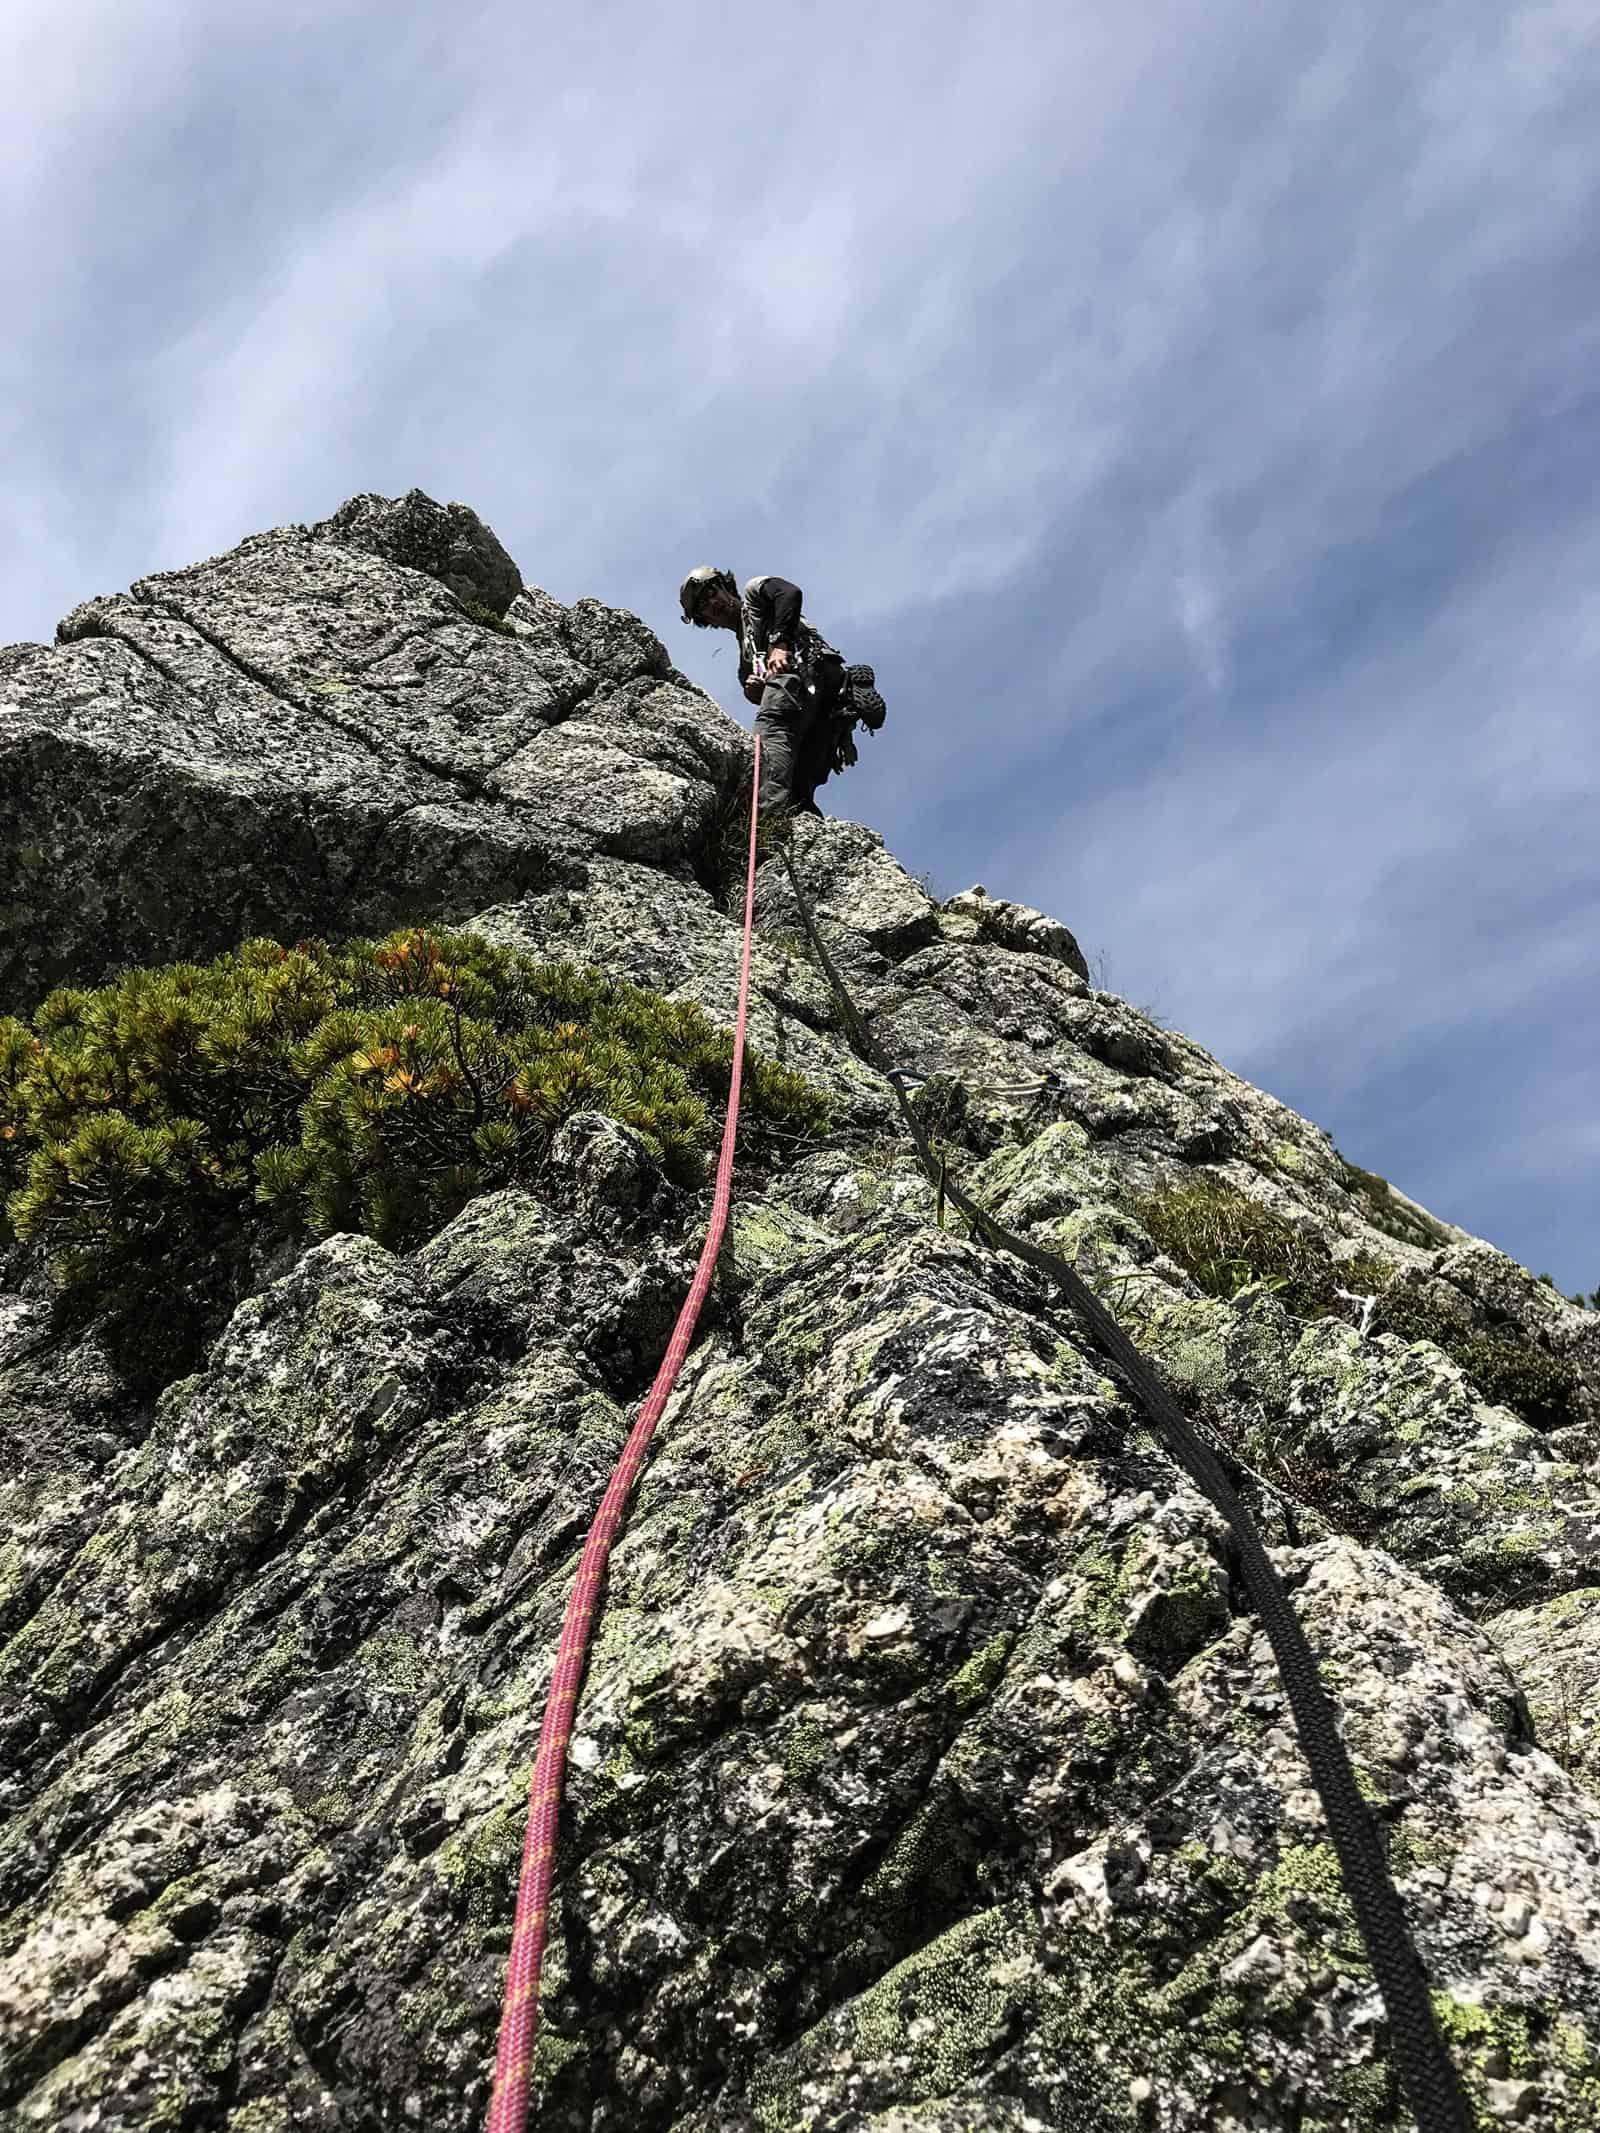 Field Report: Mount Tsurugi IMG_0866